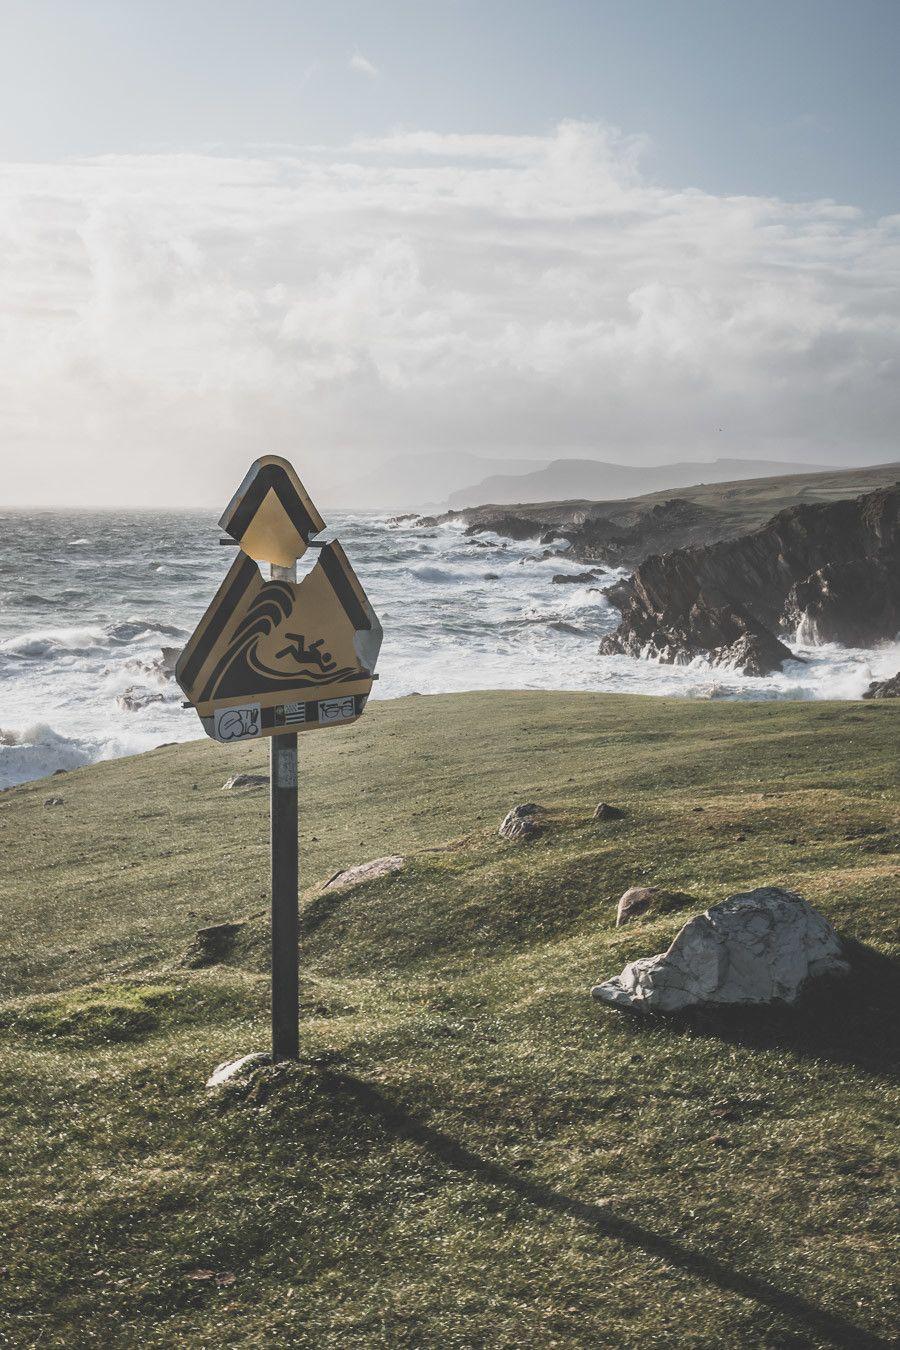 mer agitée en irlande